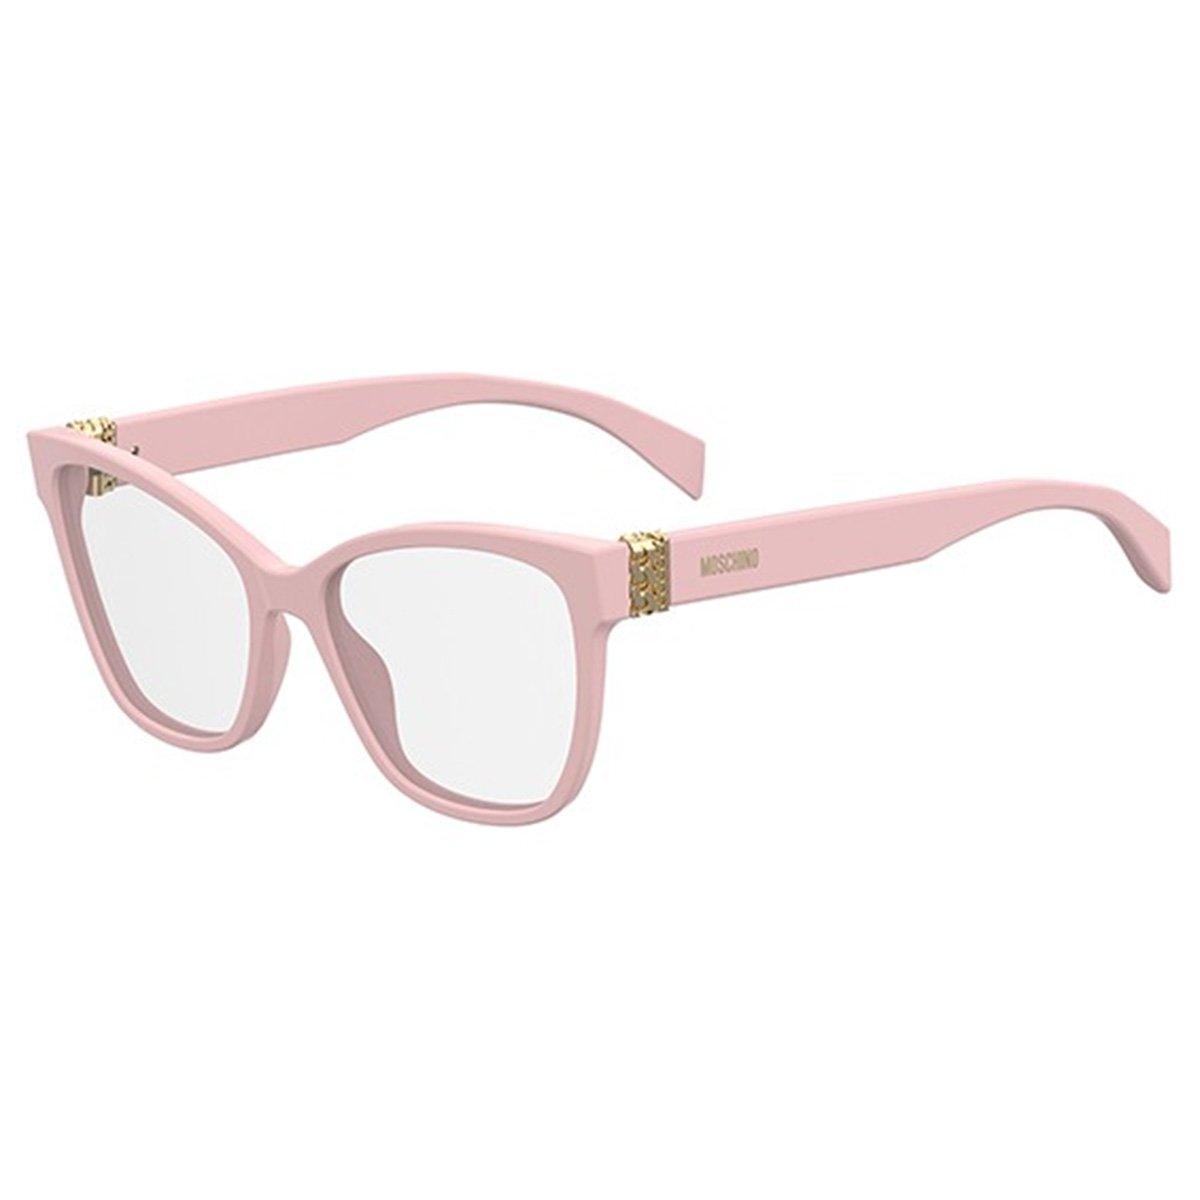 Compre Óculos de Grau Moschino em 10X   Tri-Jóia Shop da4d78cdc5